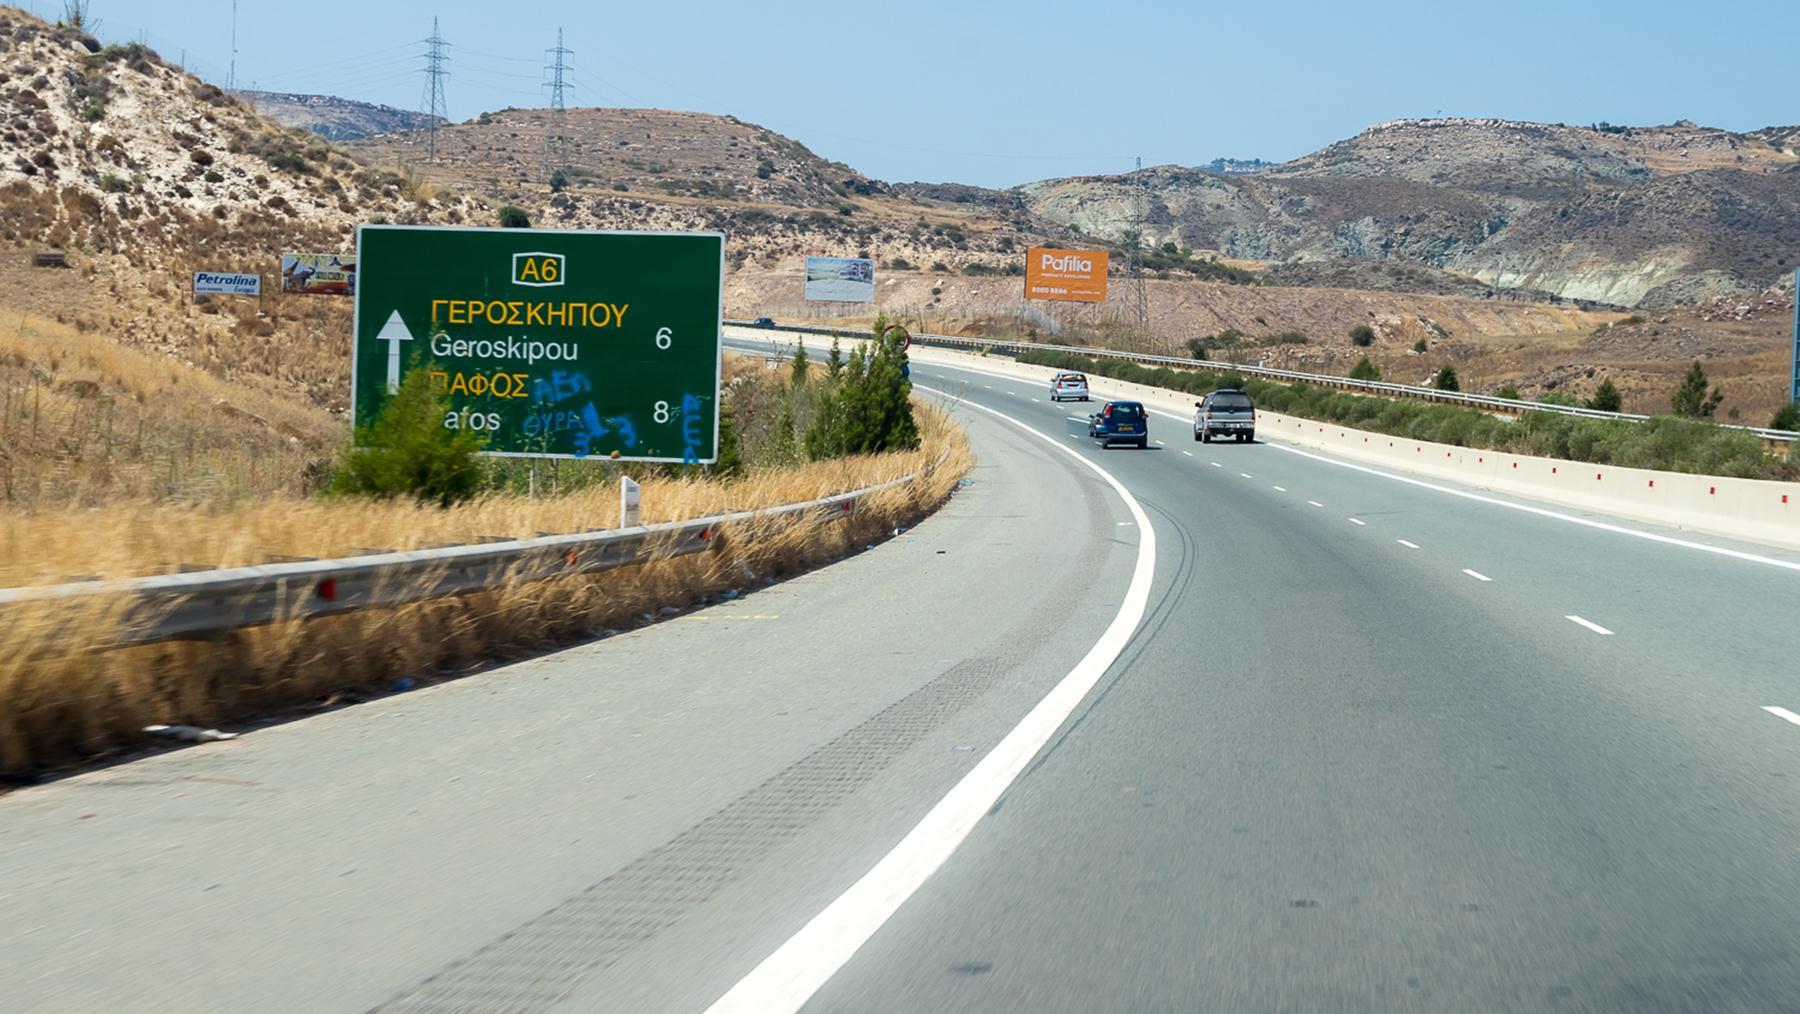 ПДД и дороги Кипр